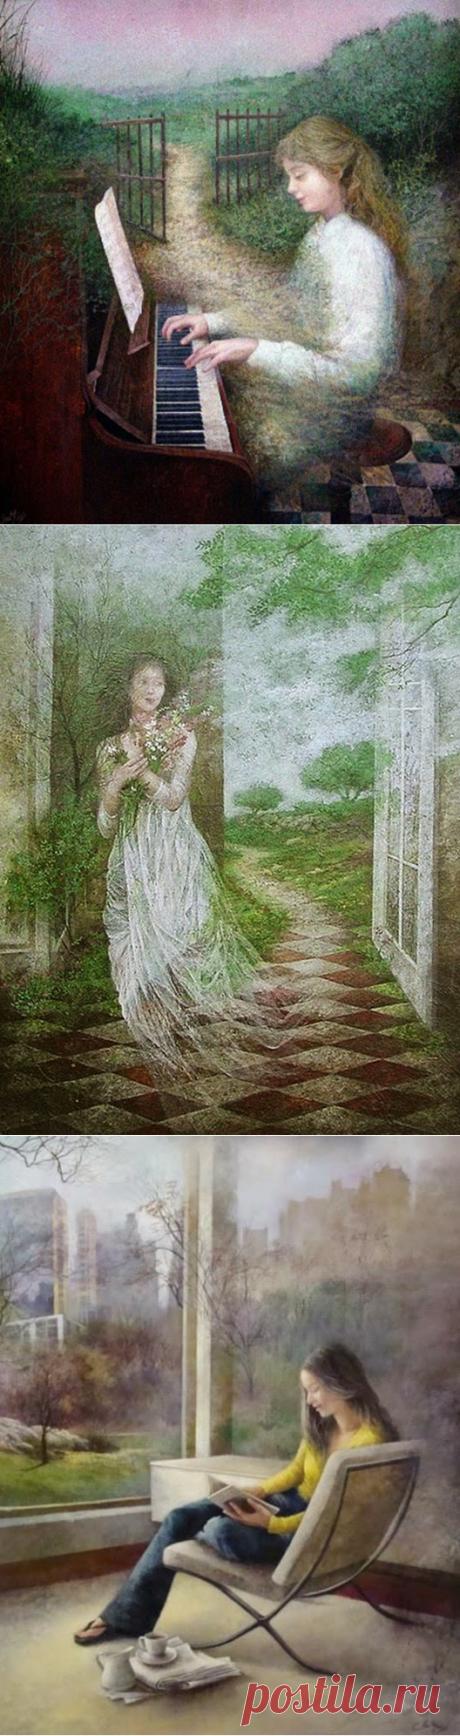 Нежная живопись художницы Ана Муньос / Ana Muñoz.